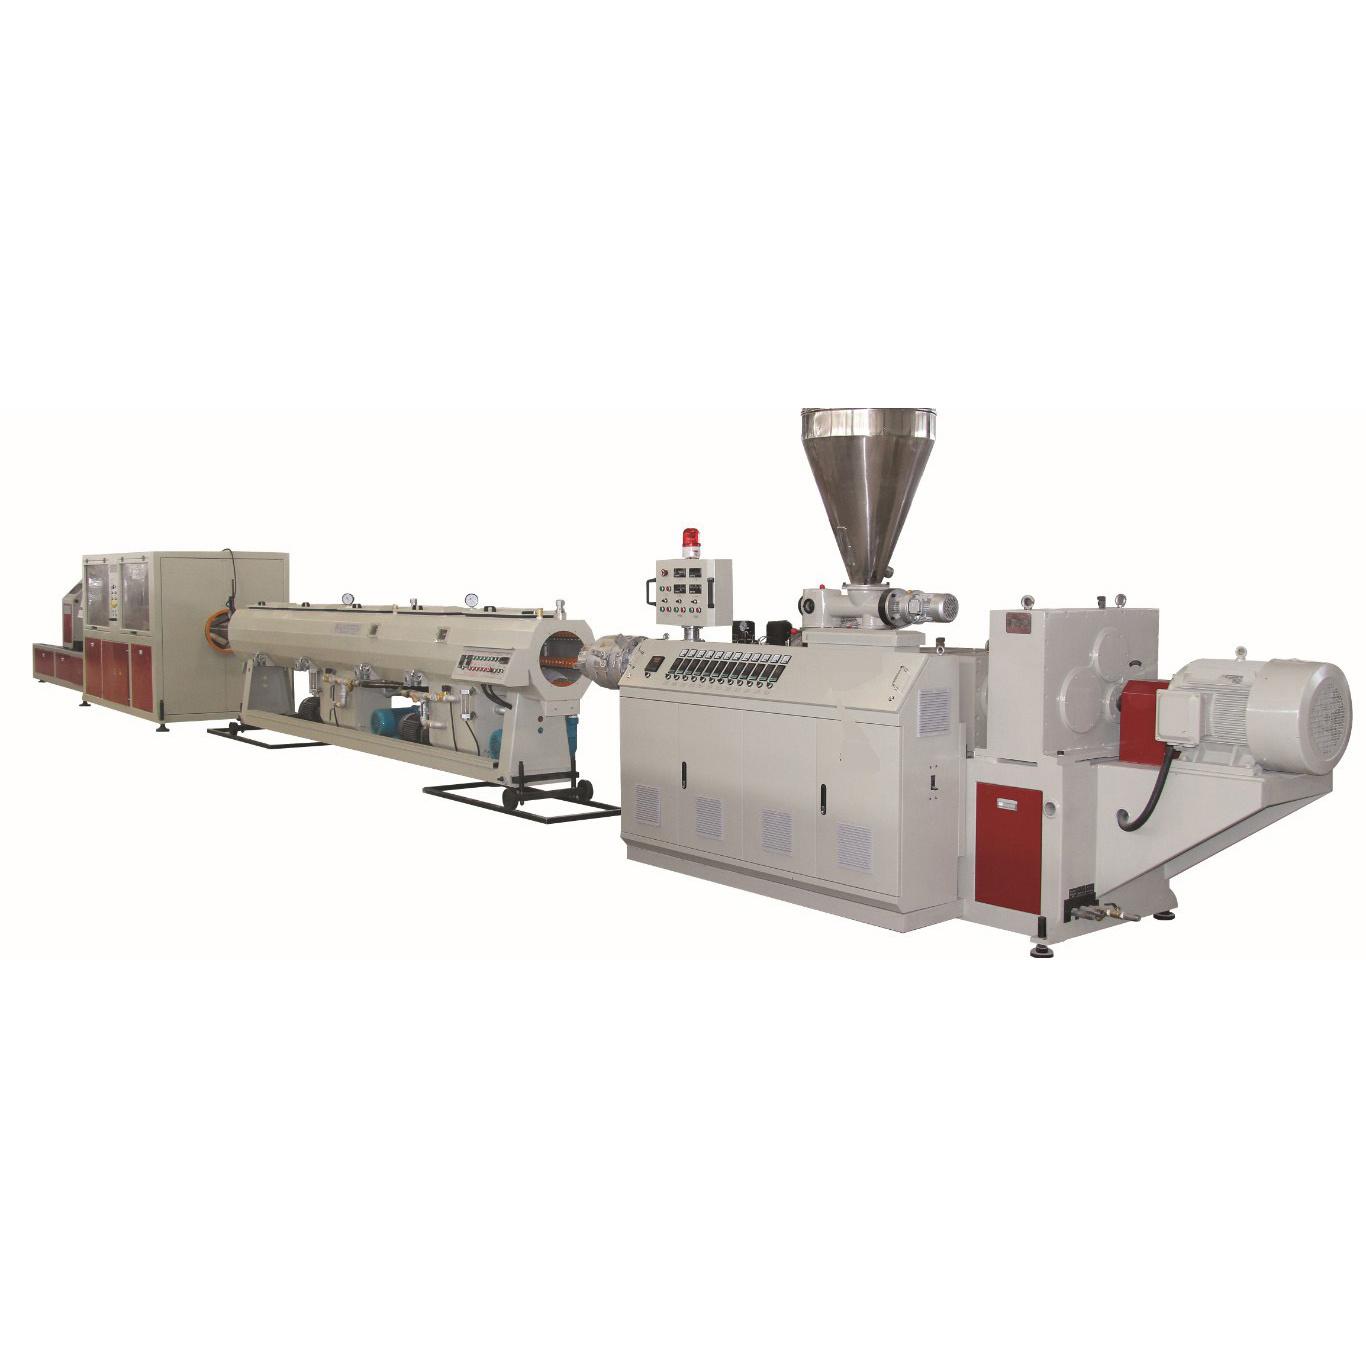 PET-HDPE pp. PPR China-Plastik-Belüftung-UPVC CPVC Wasser-Gasversorgung-Entwässerung-Verteilungs-Abwasser-elektrisches Rohr-Rohr-Schlauch-Gefäß-Strangpresßling-Produktion, die Maschine herstellt